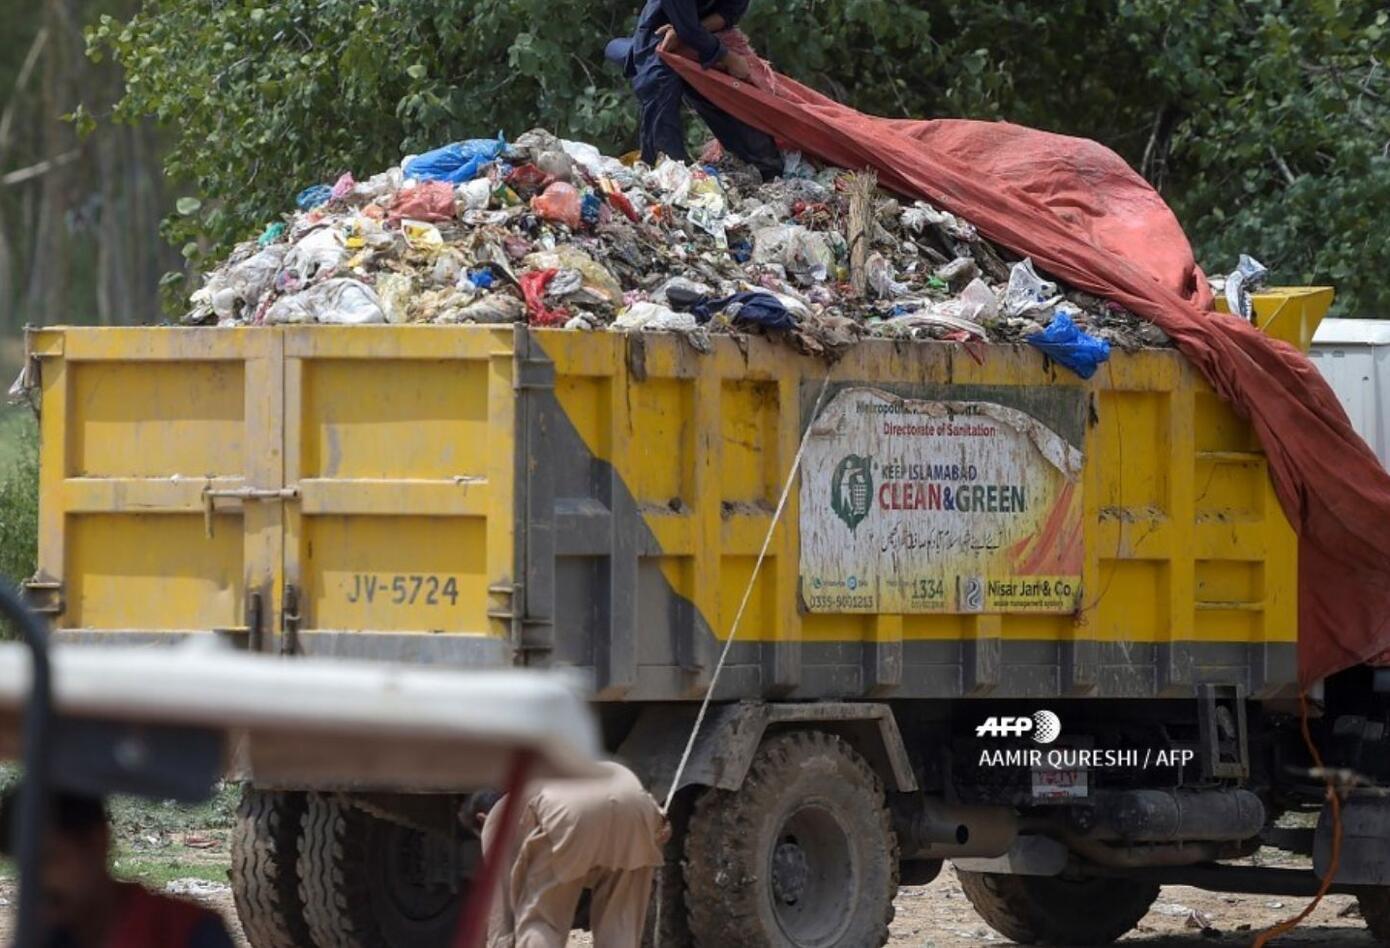 Unos 127 países, entre ellos Pakistán, han legislado sobre el problema, según la ONU.